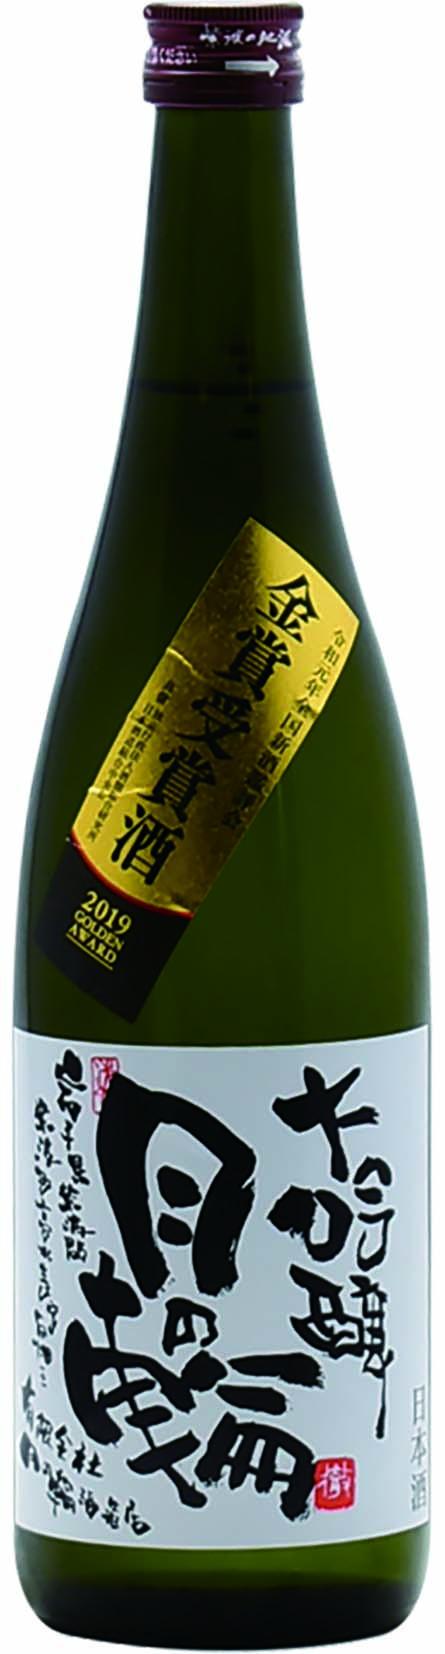 月の輪 金賞受賞酒 大吟醸